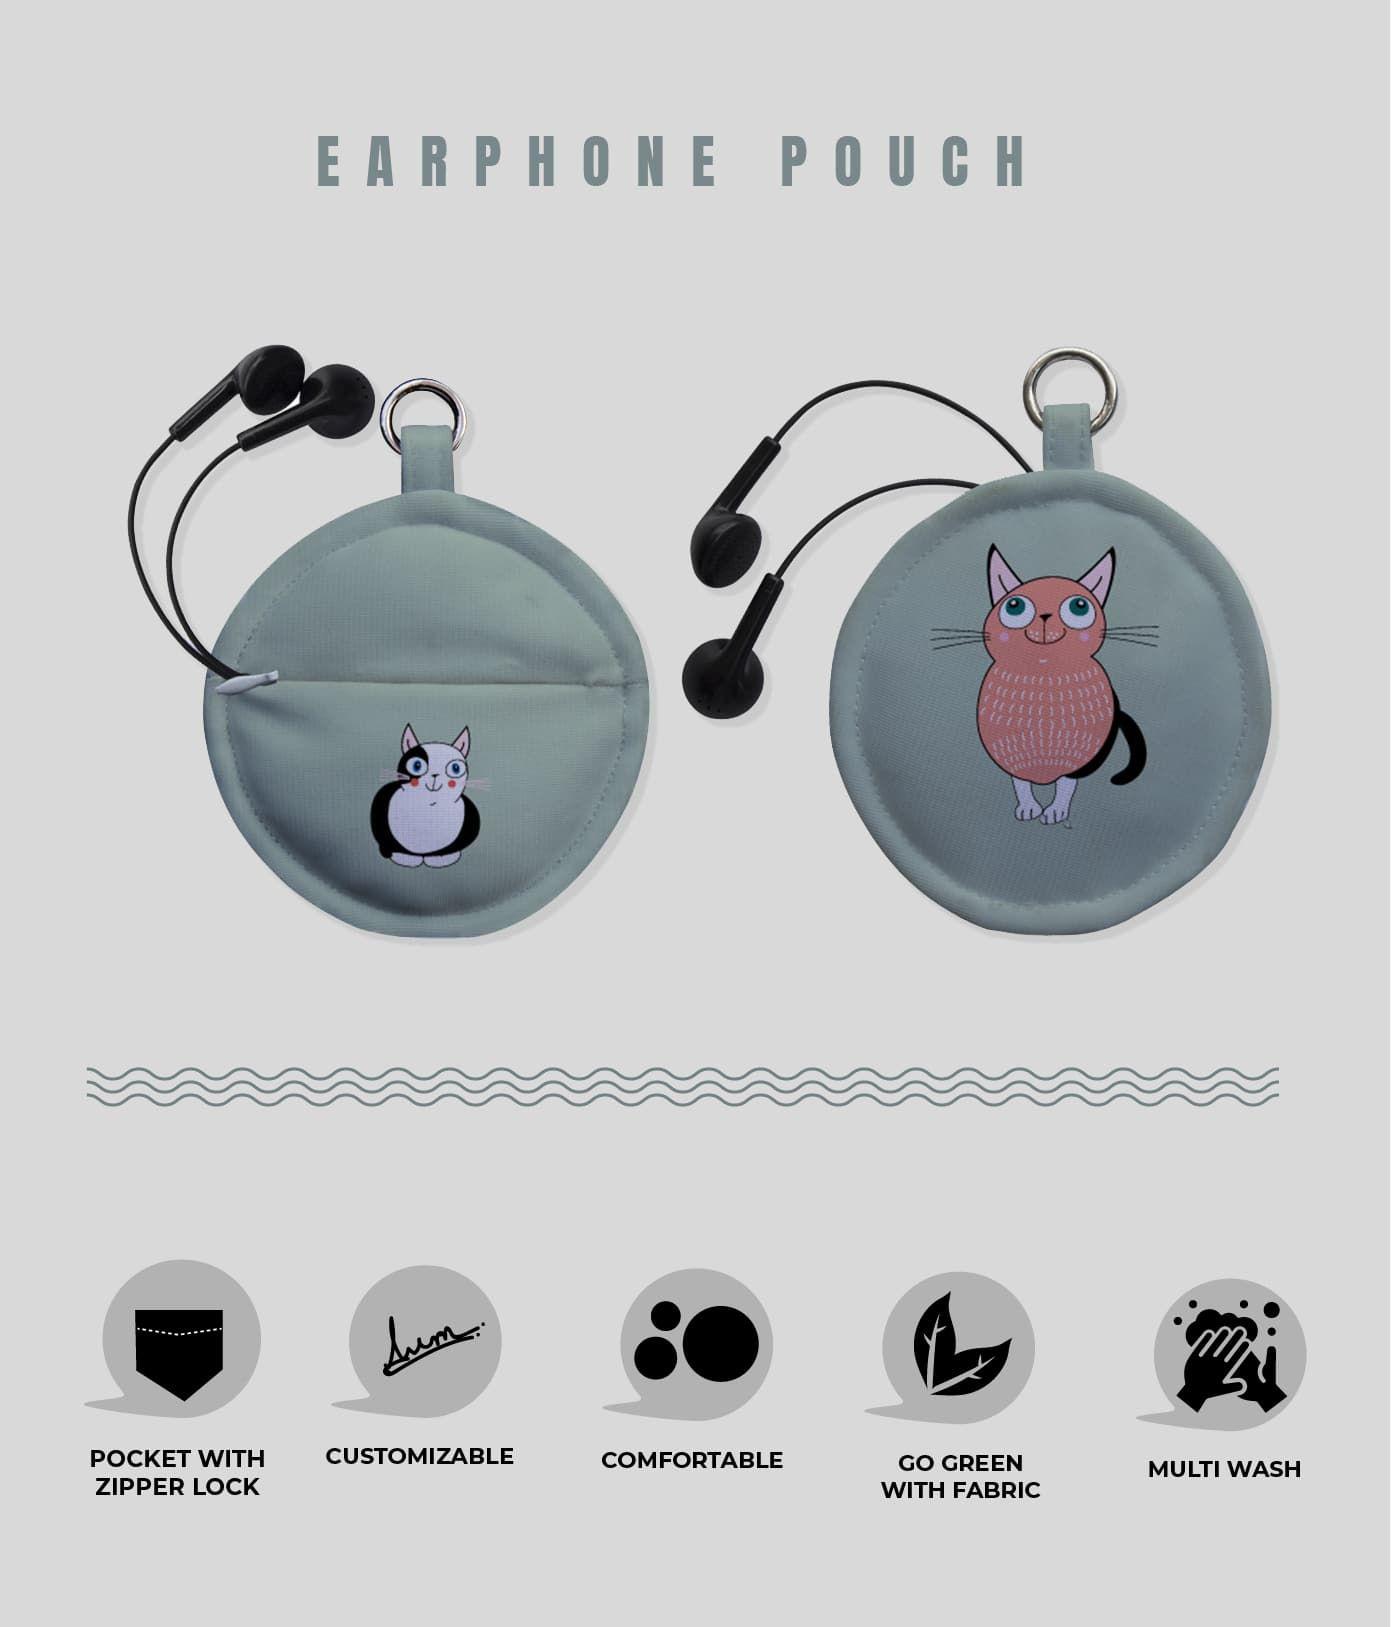 earphone pouch